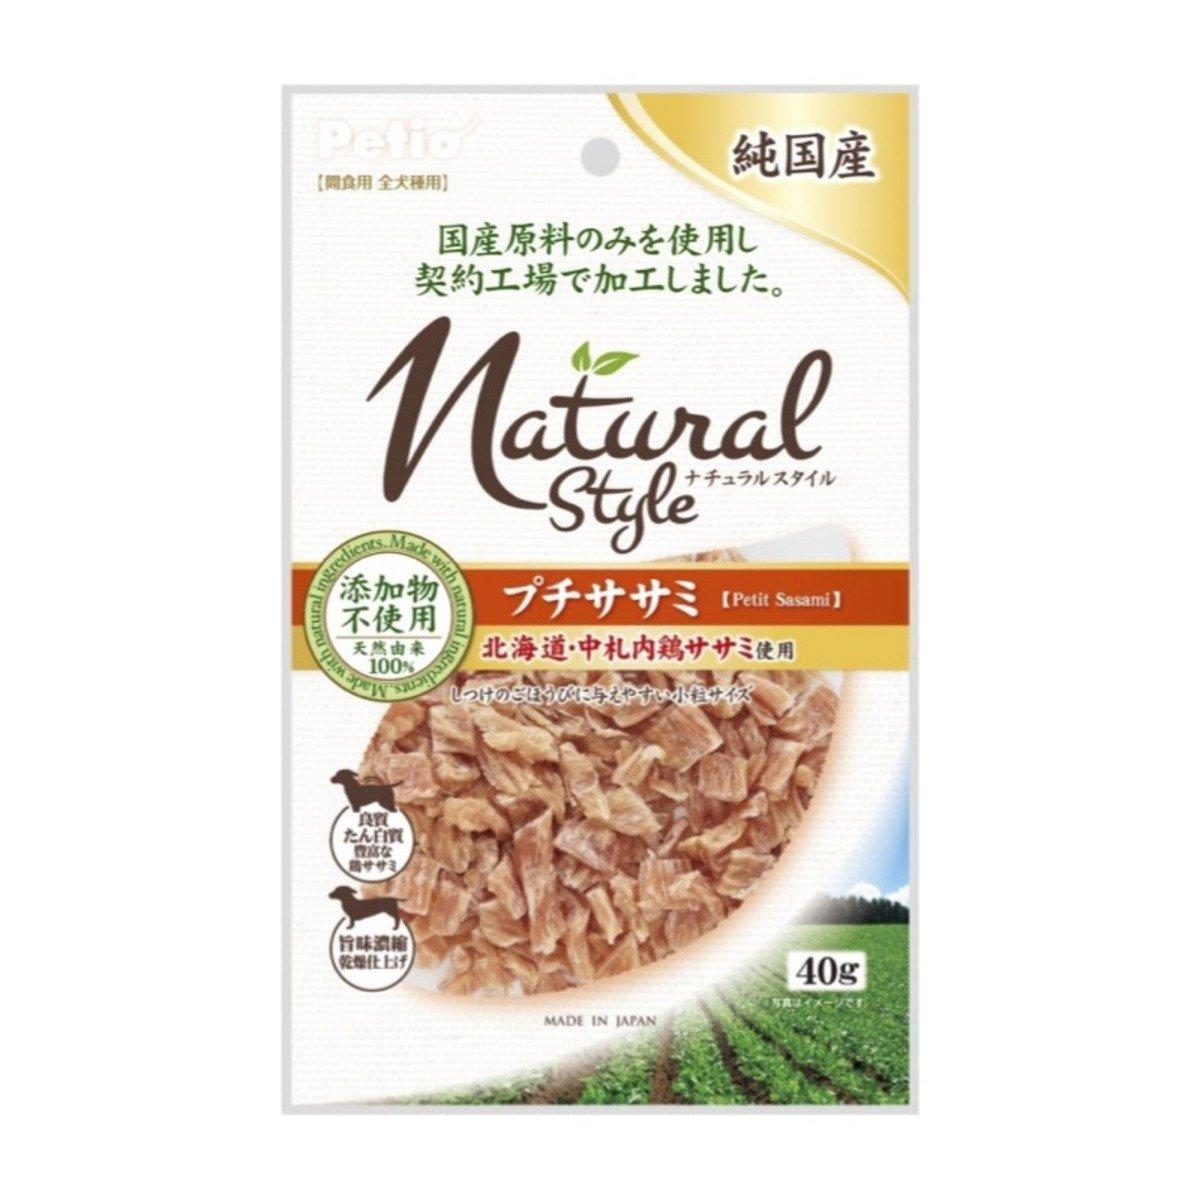 狗小食天然北海道雞胸肉粒 (W12738)